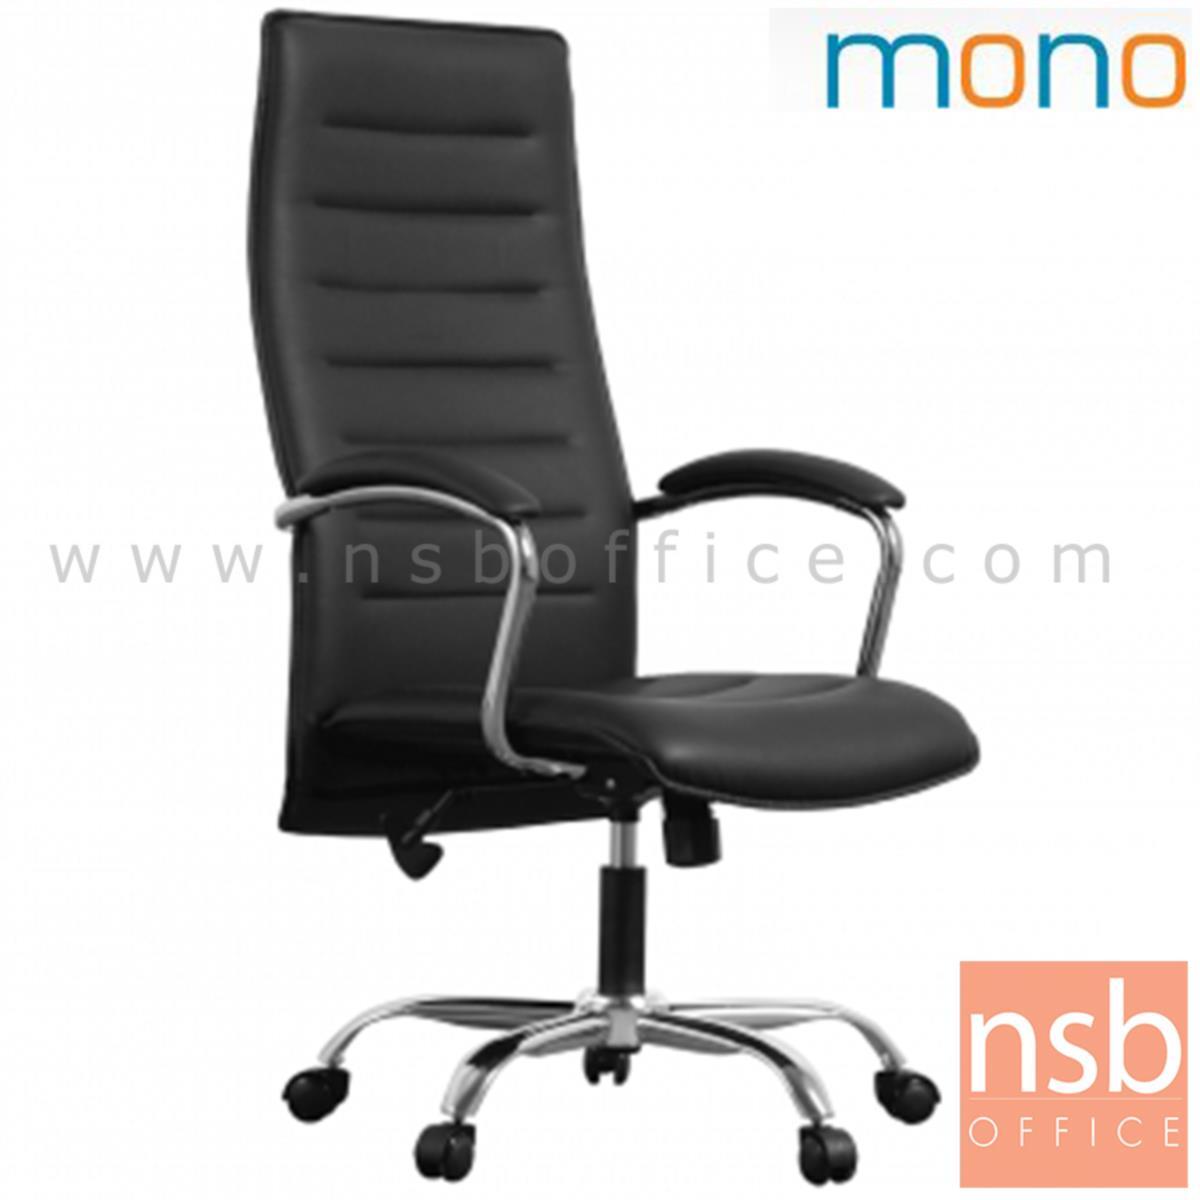 เก้าอี้ผู้บริหาร รุ่น MN-SOL  โช๊คแก๊ส มีก้อนโยก ขาเหล็กชุบโครเมี่ยม